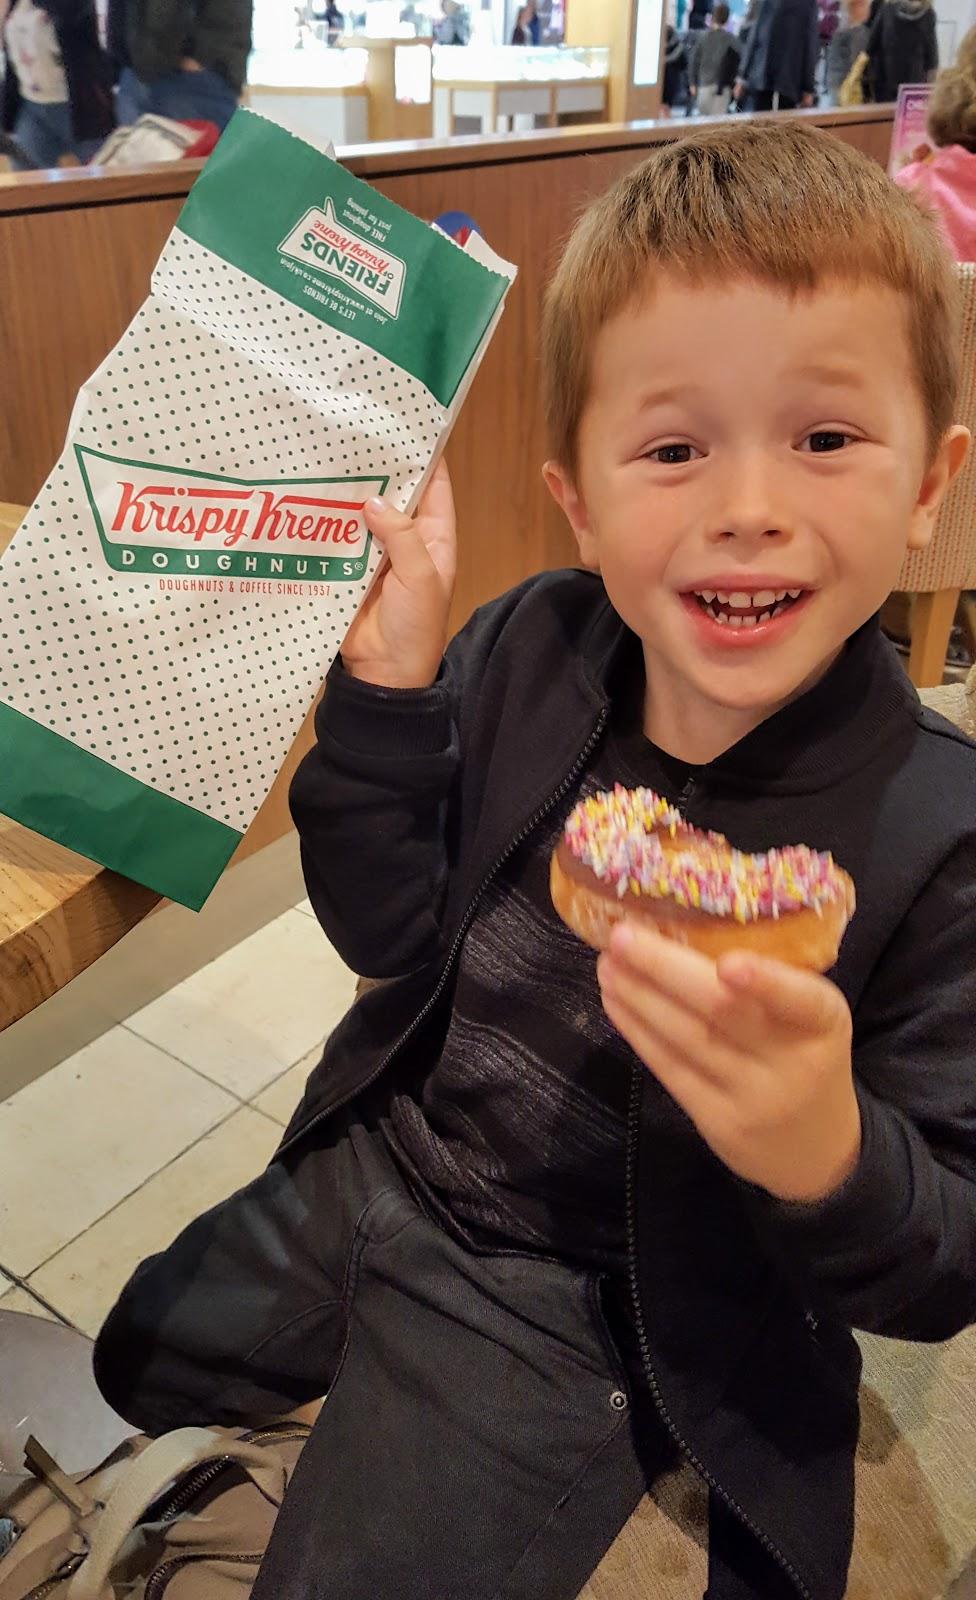 krispy kreme doughnuts - Intu Derby